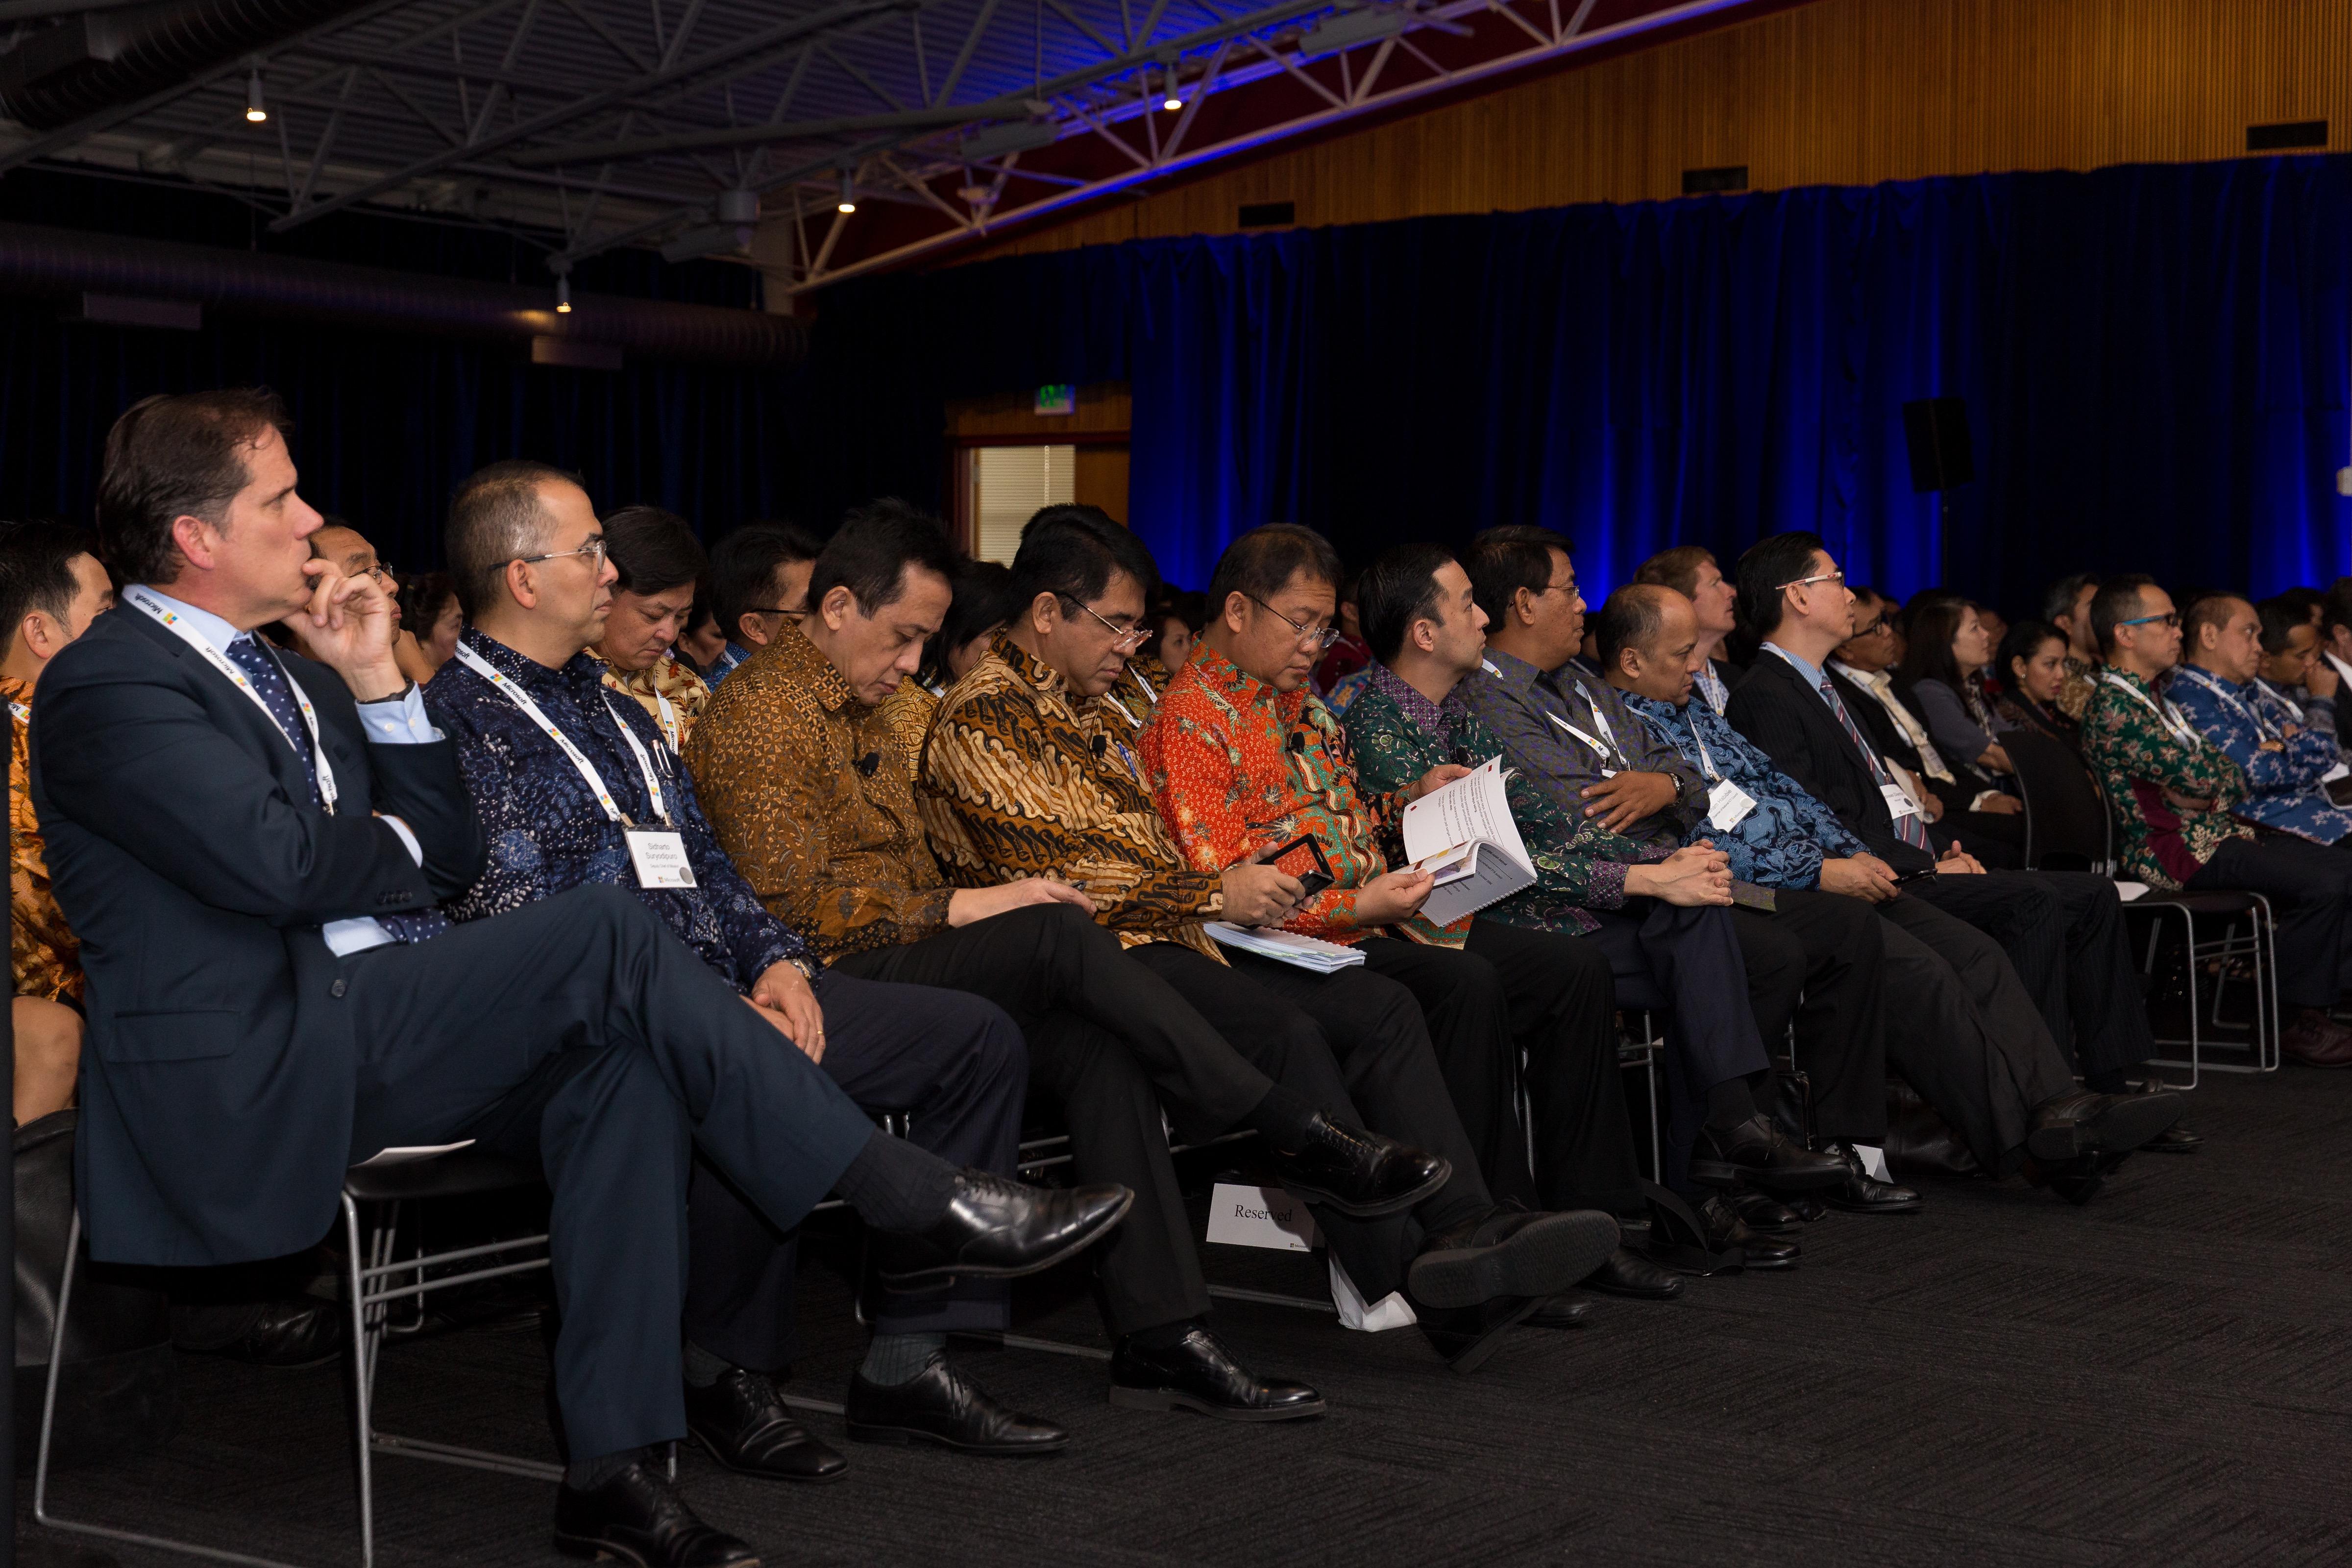 Indo delegation visit to SV - 41 of 115